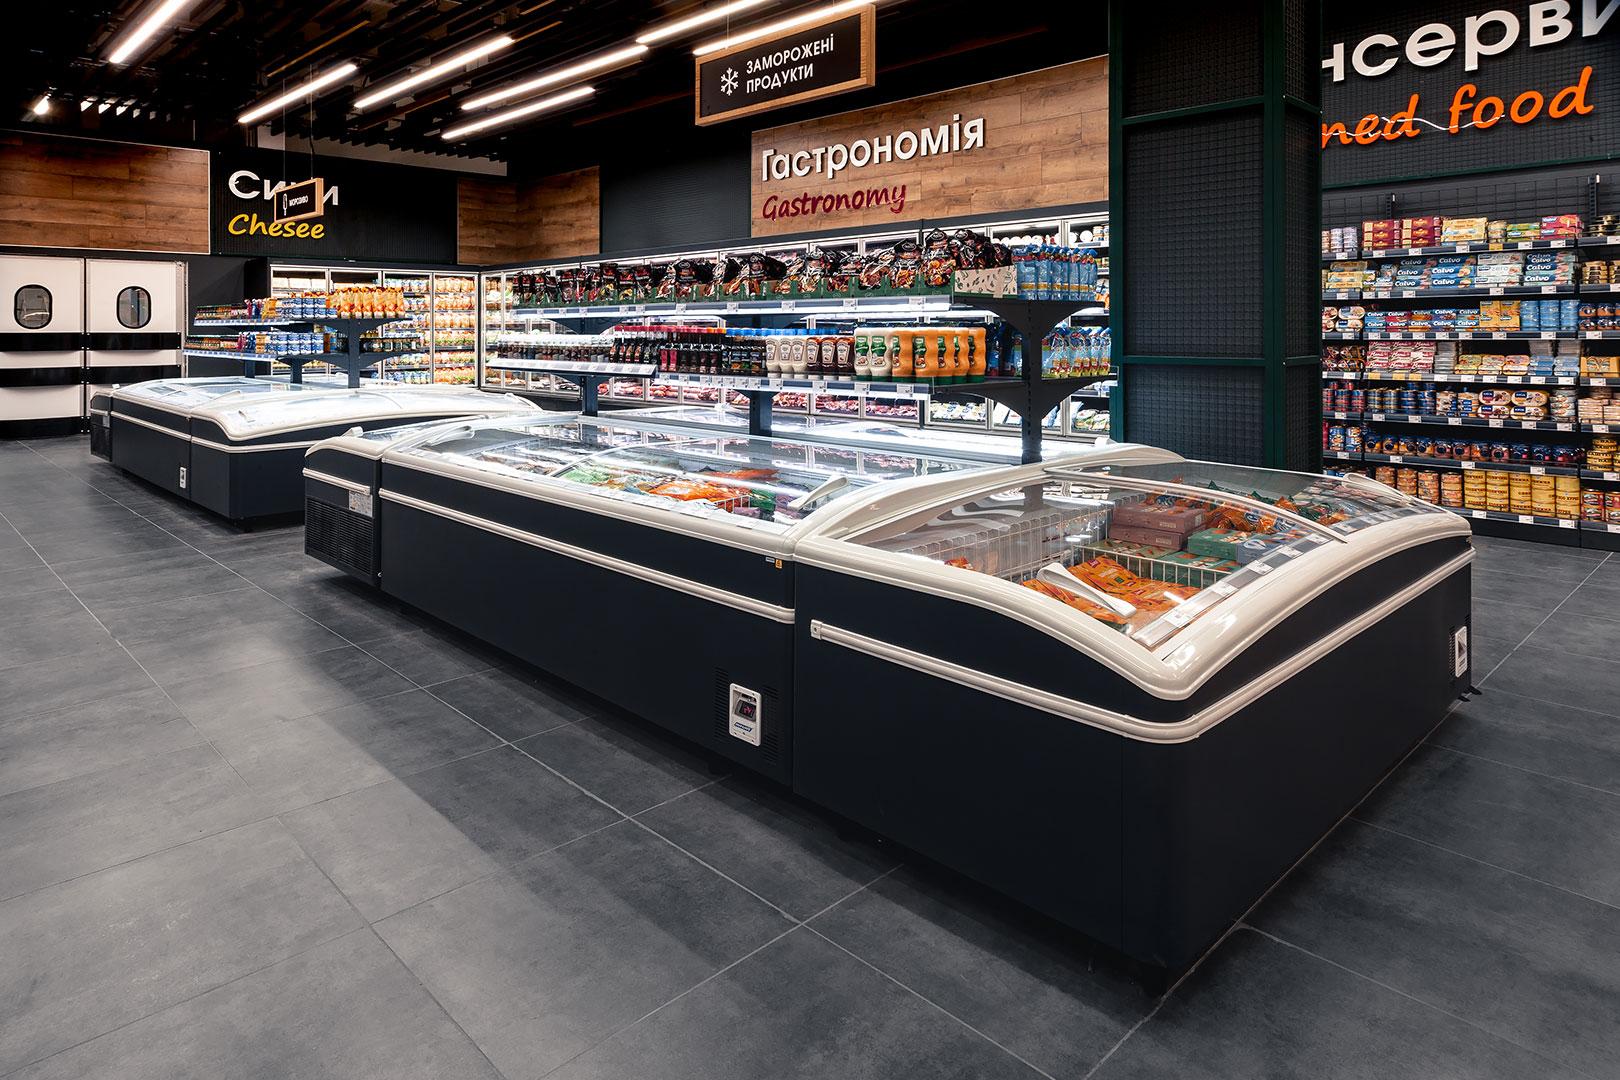 """Vitrinen für Gefriergüter Super AH 092 LT C A im Supermarkt """"Epicentr"""""""